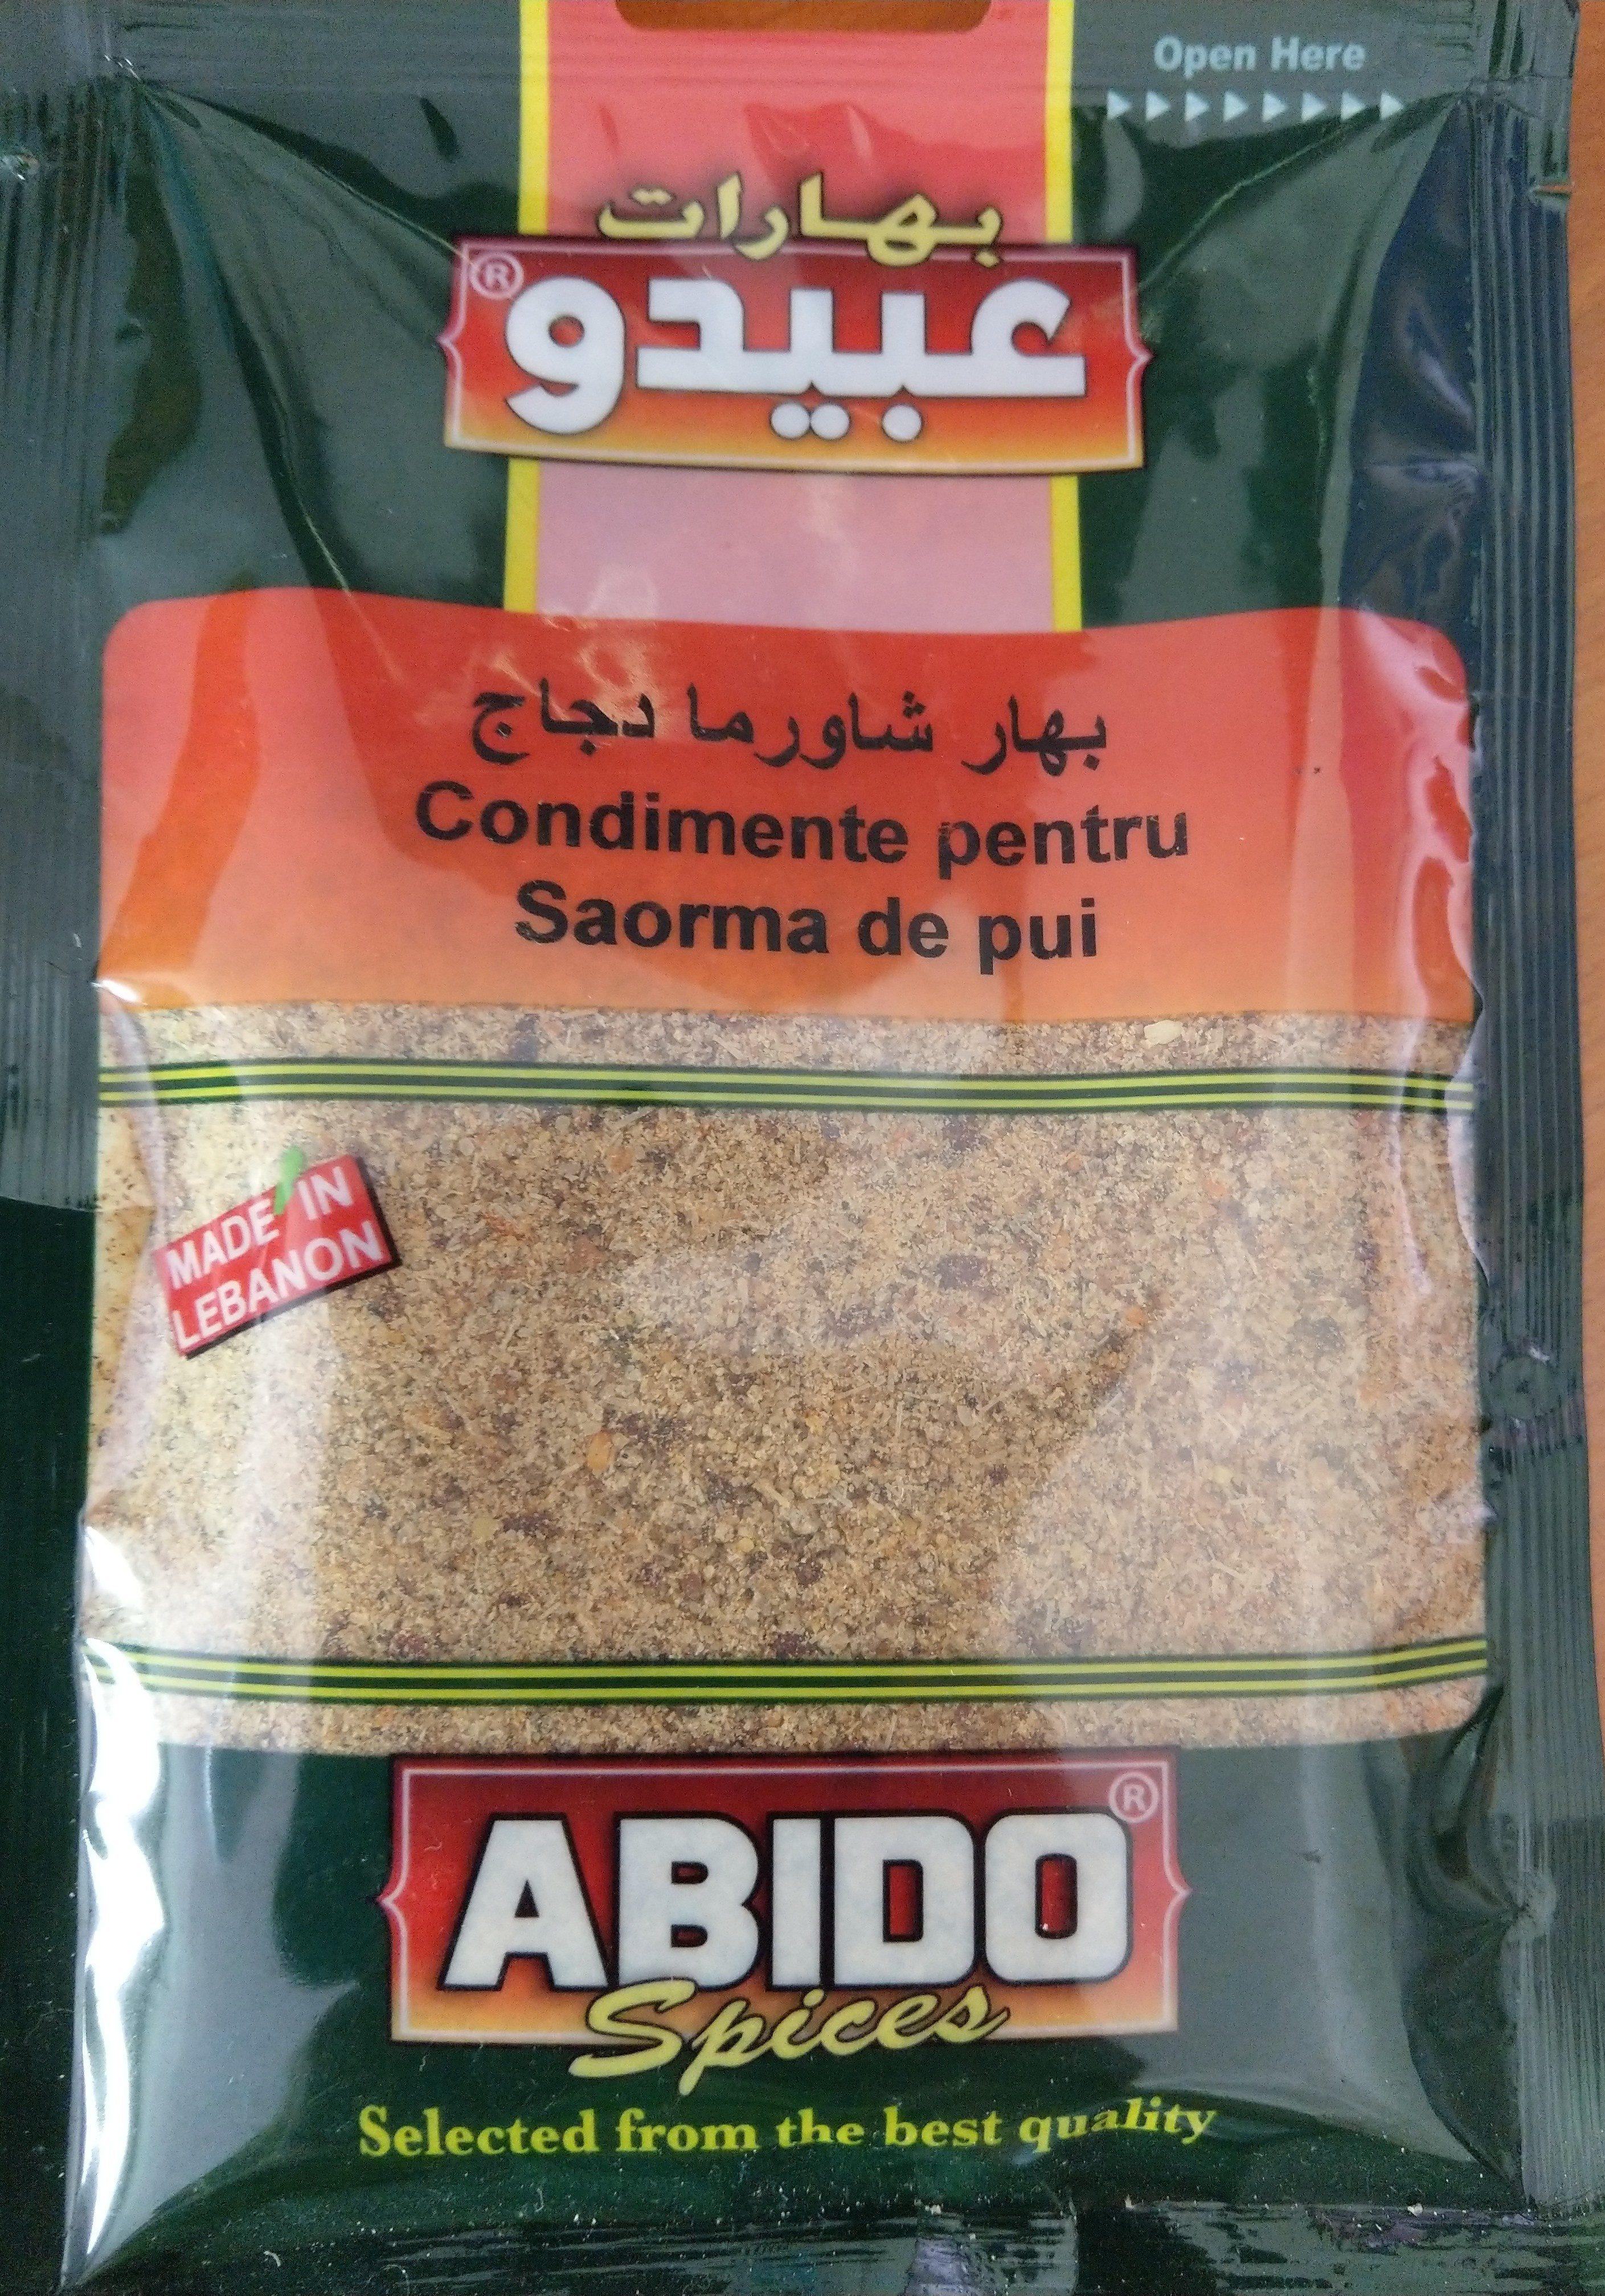 Abido Condimente pentru Saorma de pui - Product